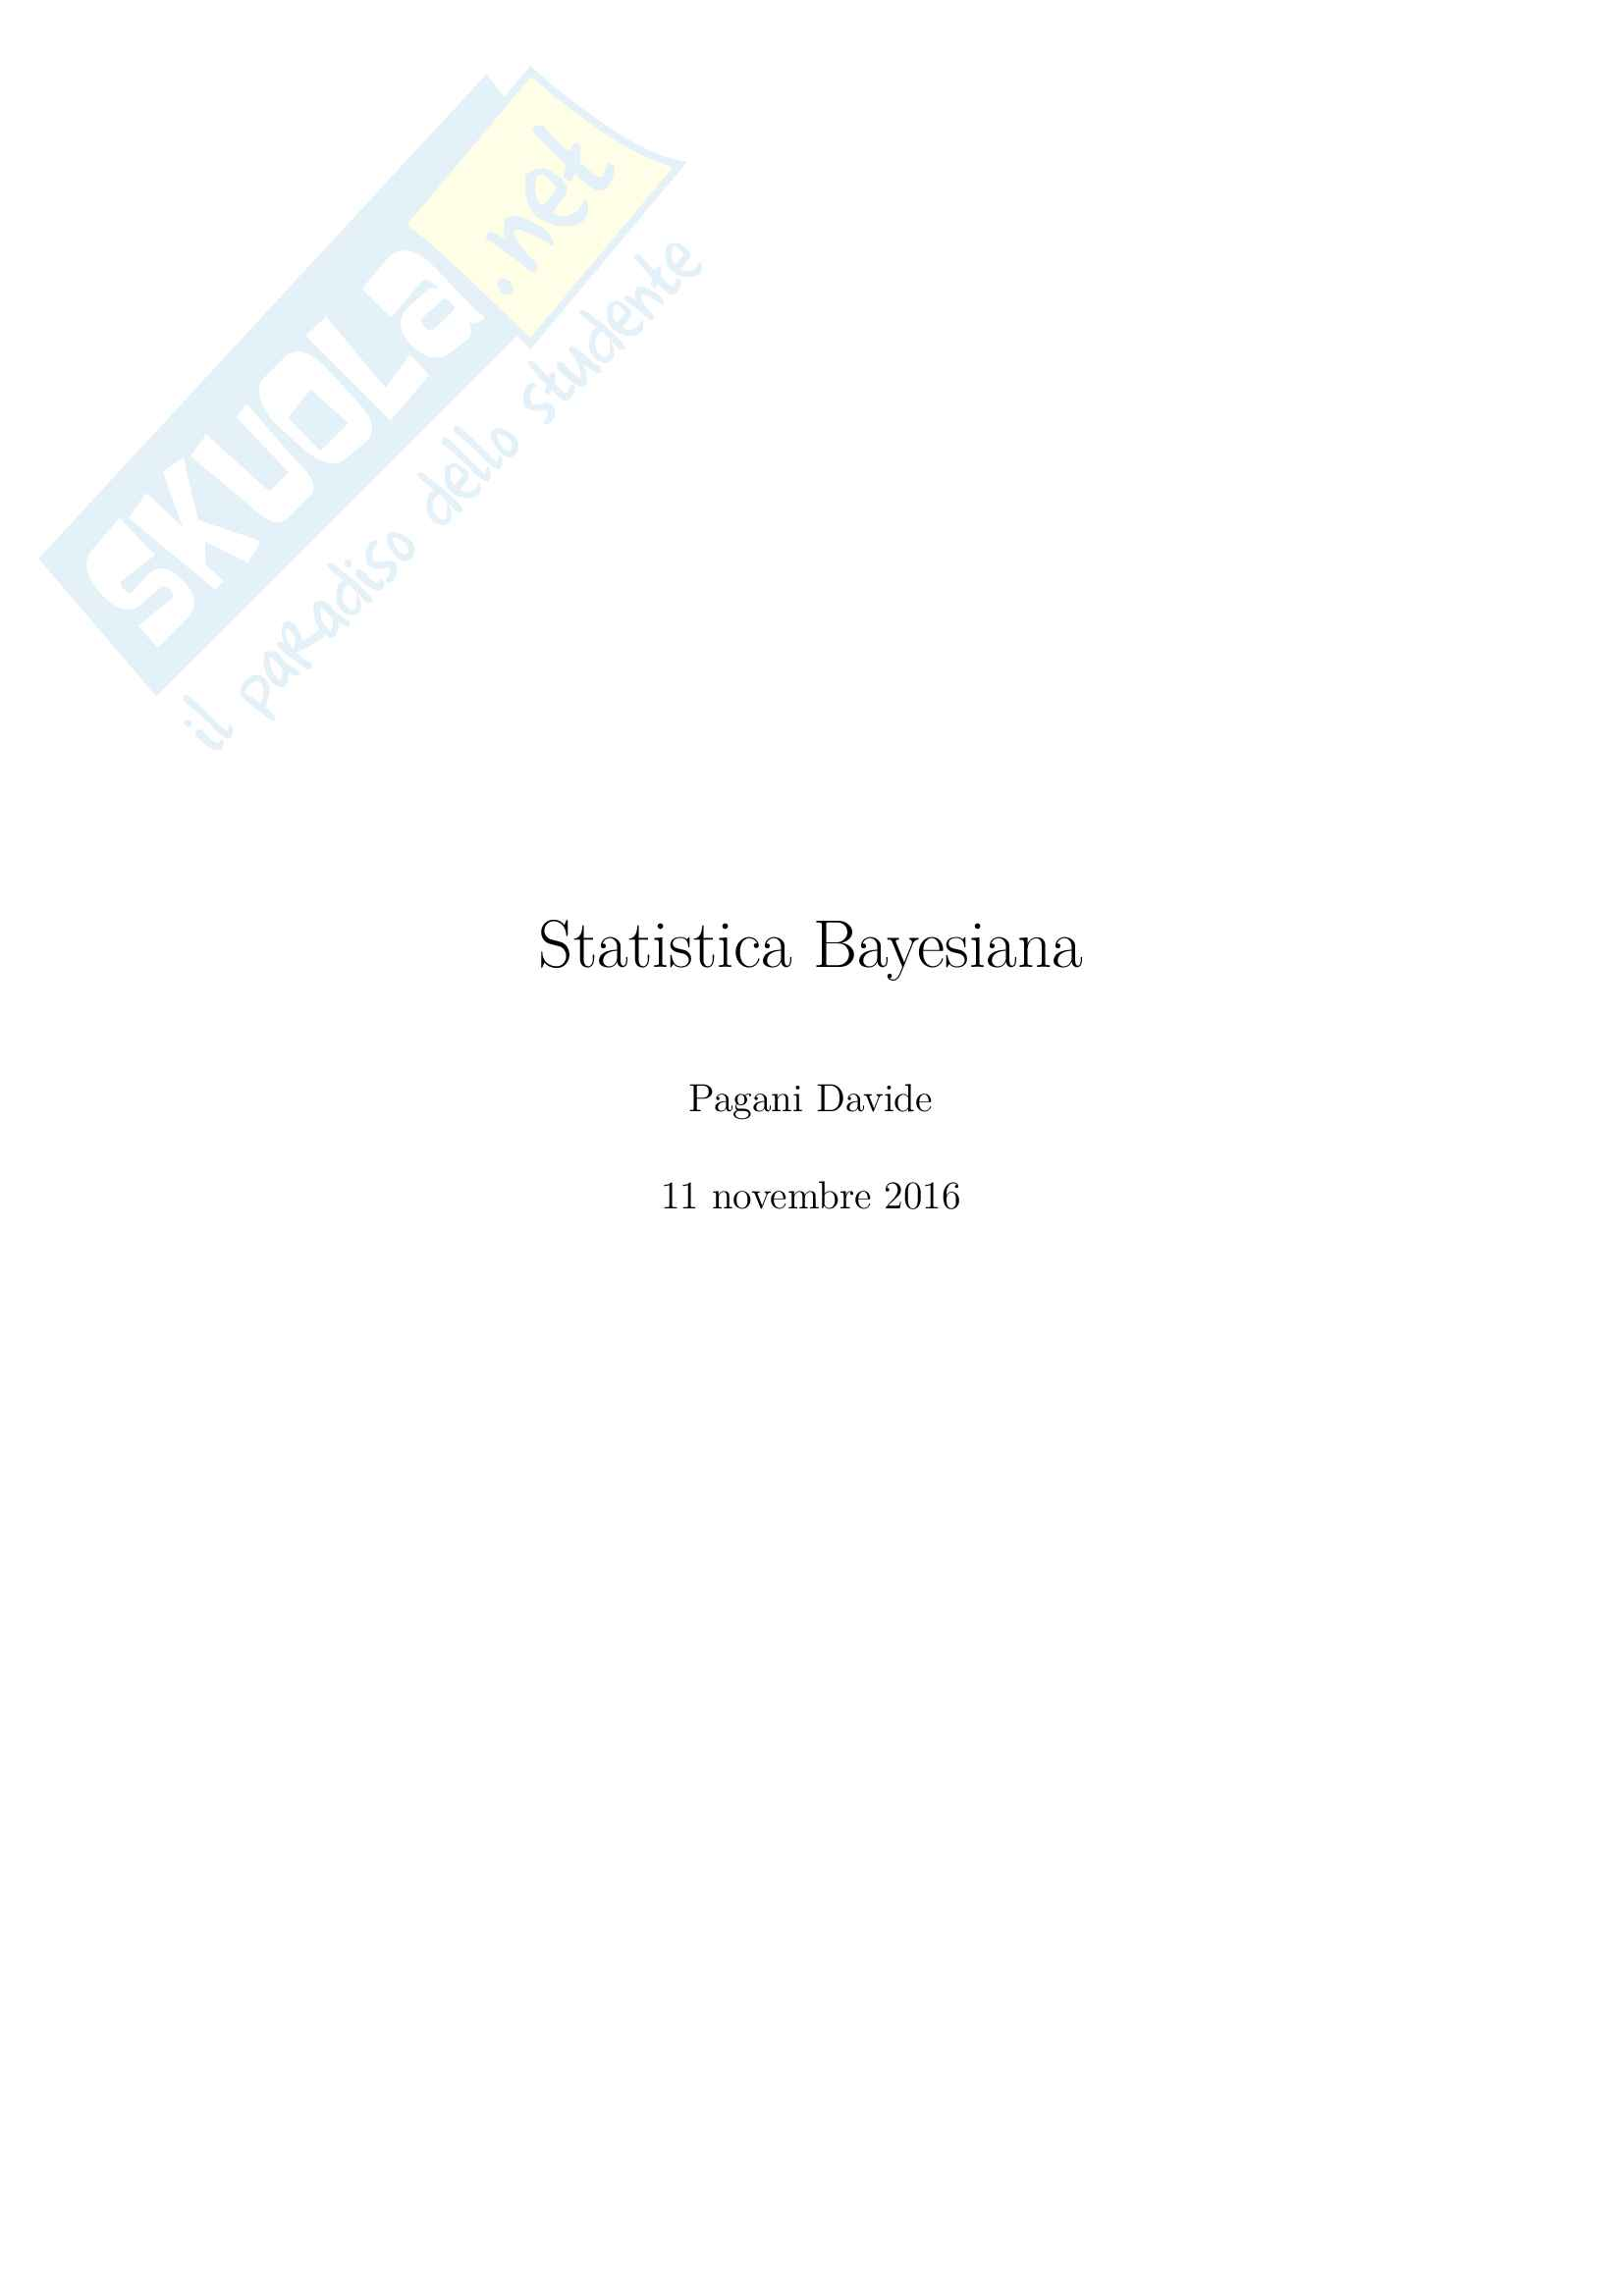 Statistica Bayesiana